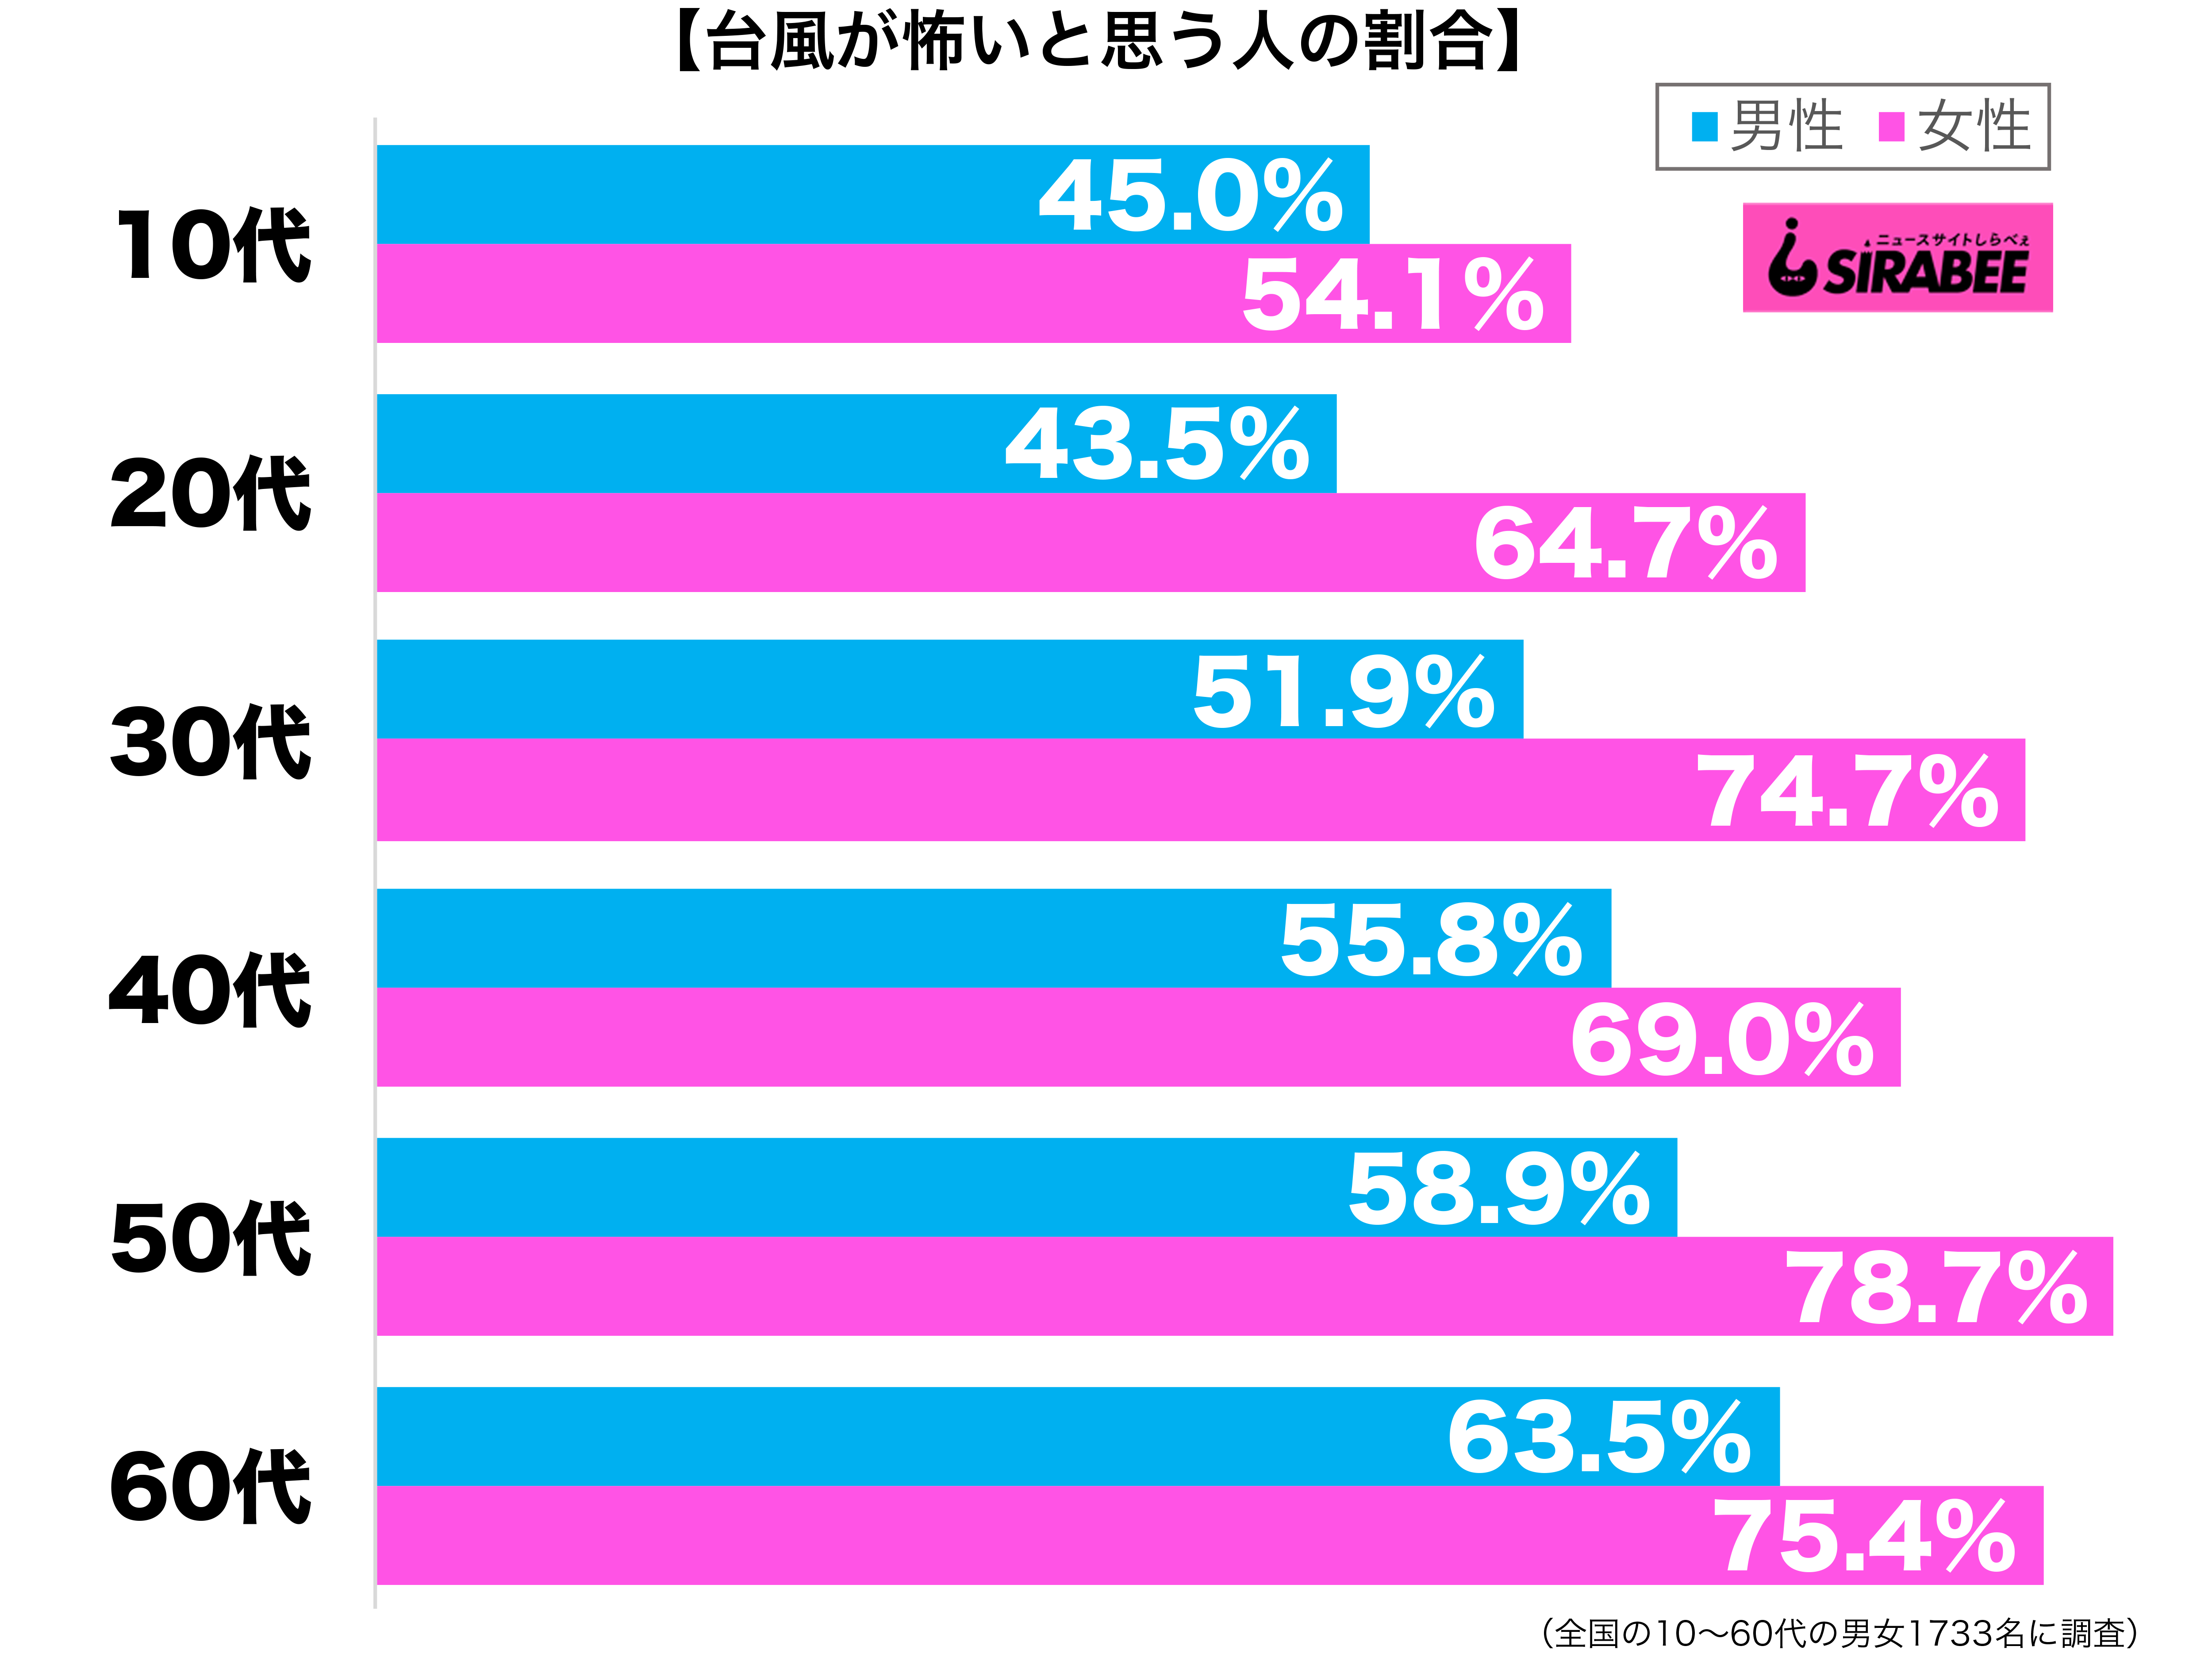 台風が怖いと思う性年代別グラフ